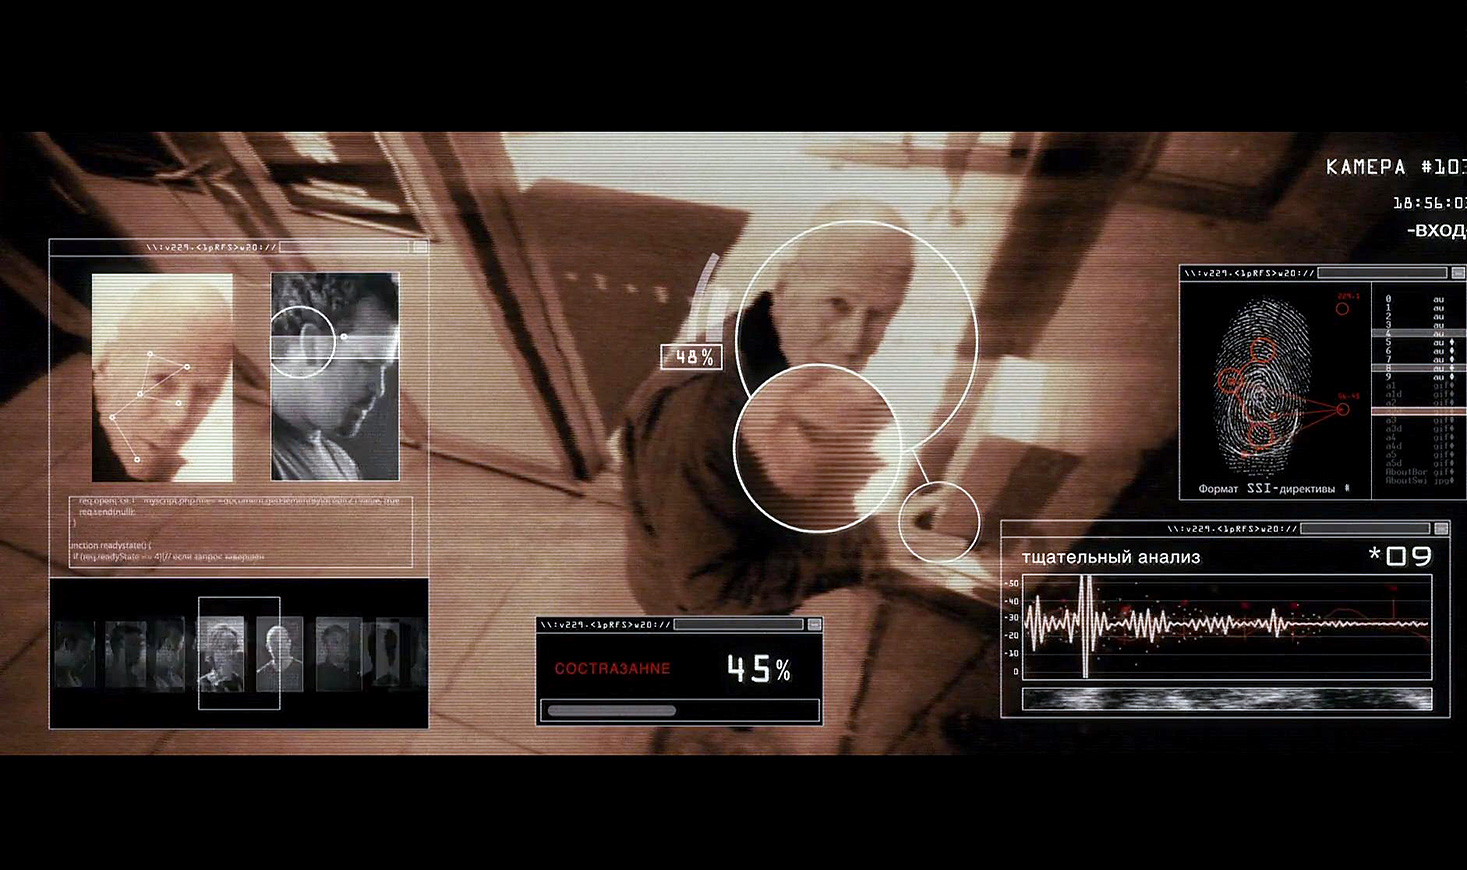 RED. Sumber: Cuplikan layar dari film